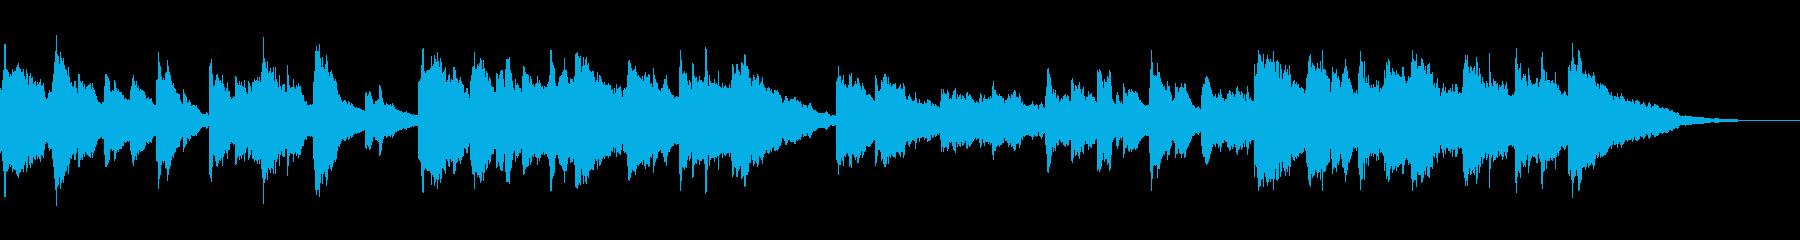 優しい・暖かい・懐かしい・和風サウンドの再生済みの波形